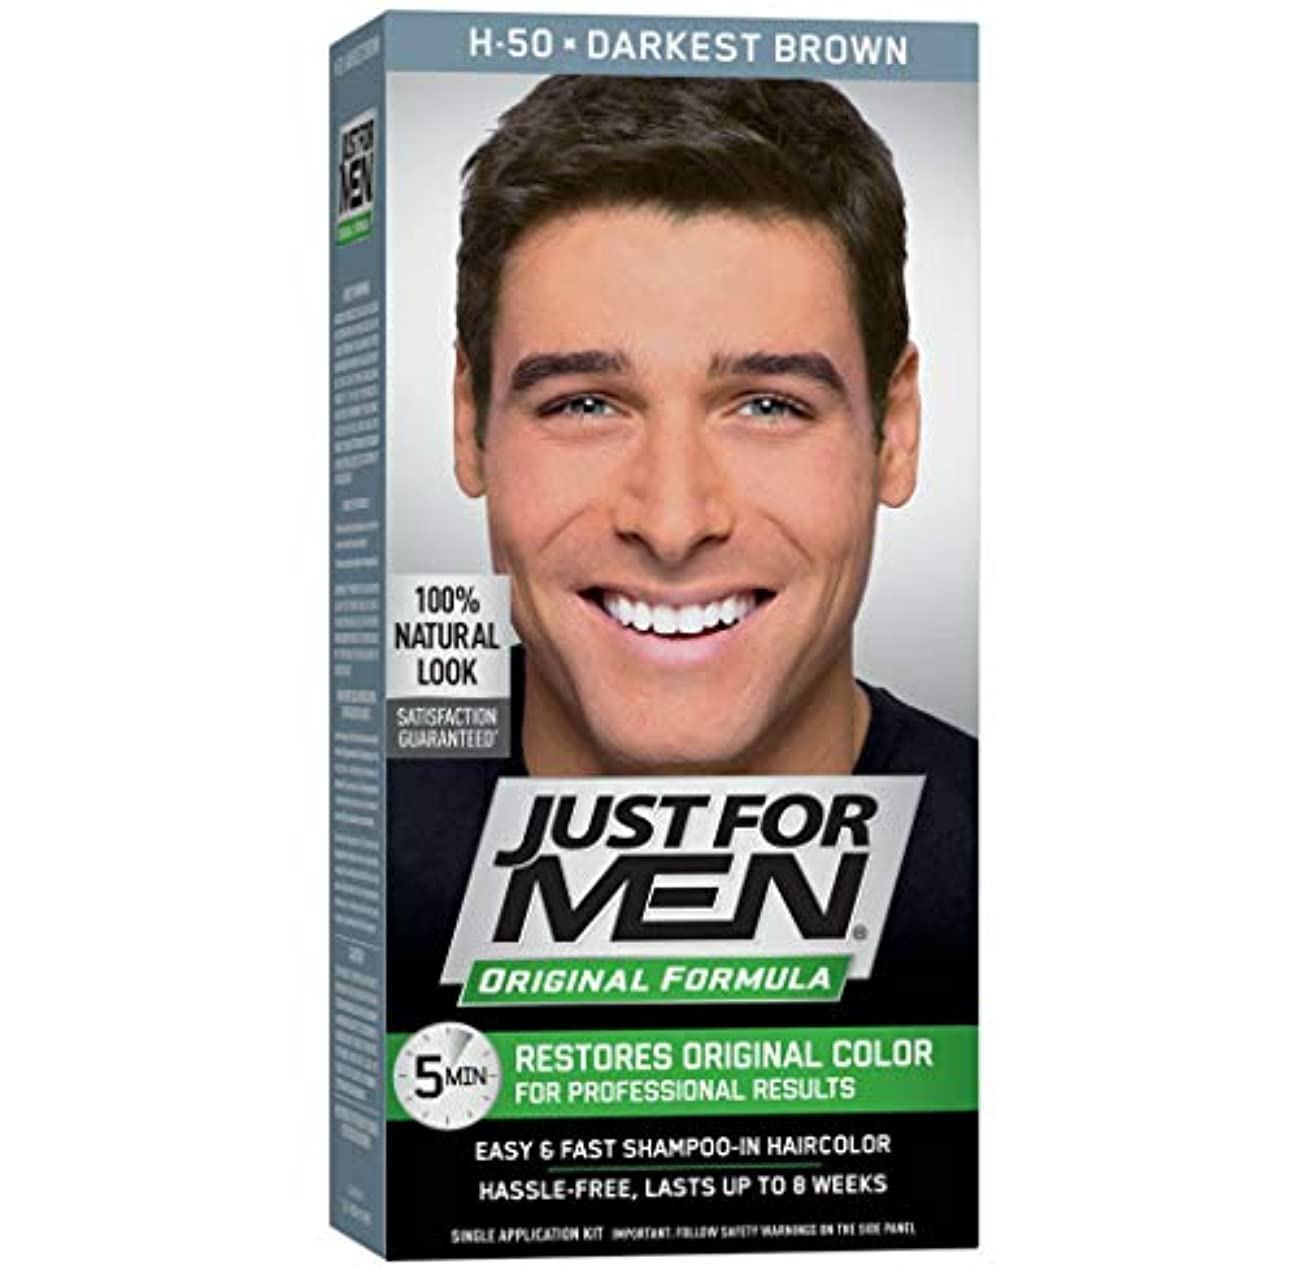 考慮貫入極めて重要なJust for Men Shampoo-In Hair Color Darkest Brown 50 (並行輸入品)